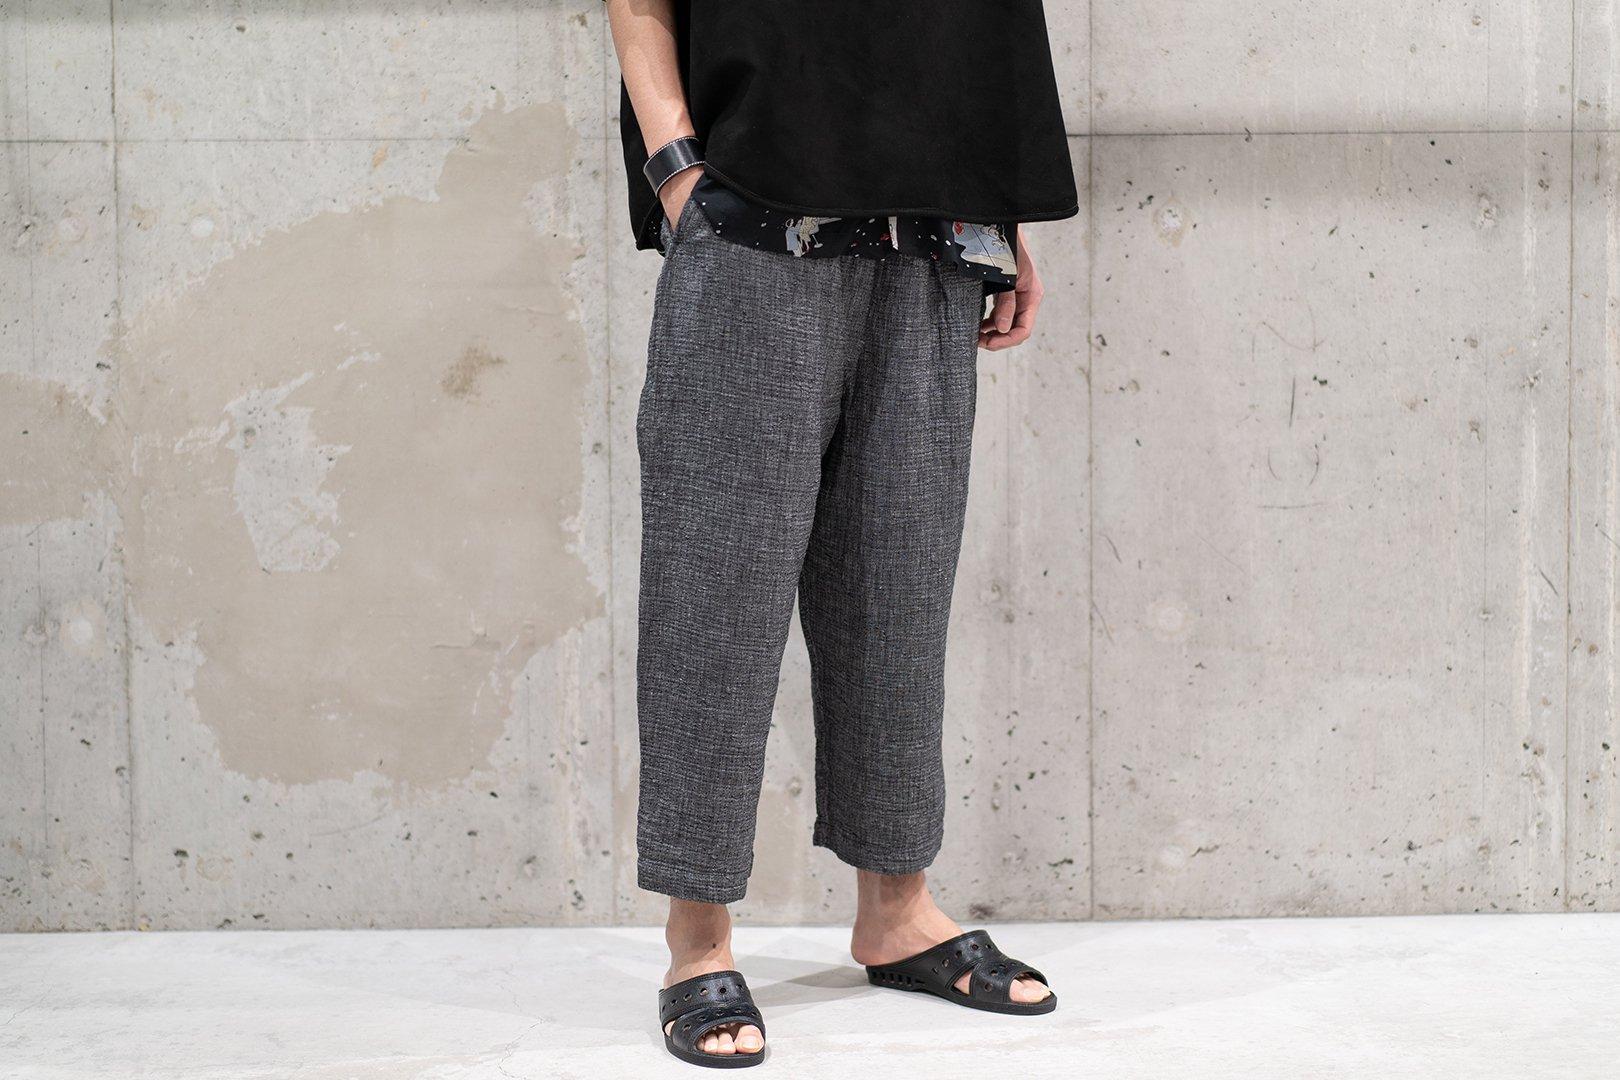 PORTER CLASSIC / SASHIKO LINEN PREMIUM PEACE PANTS